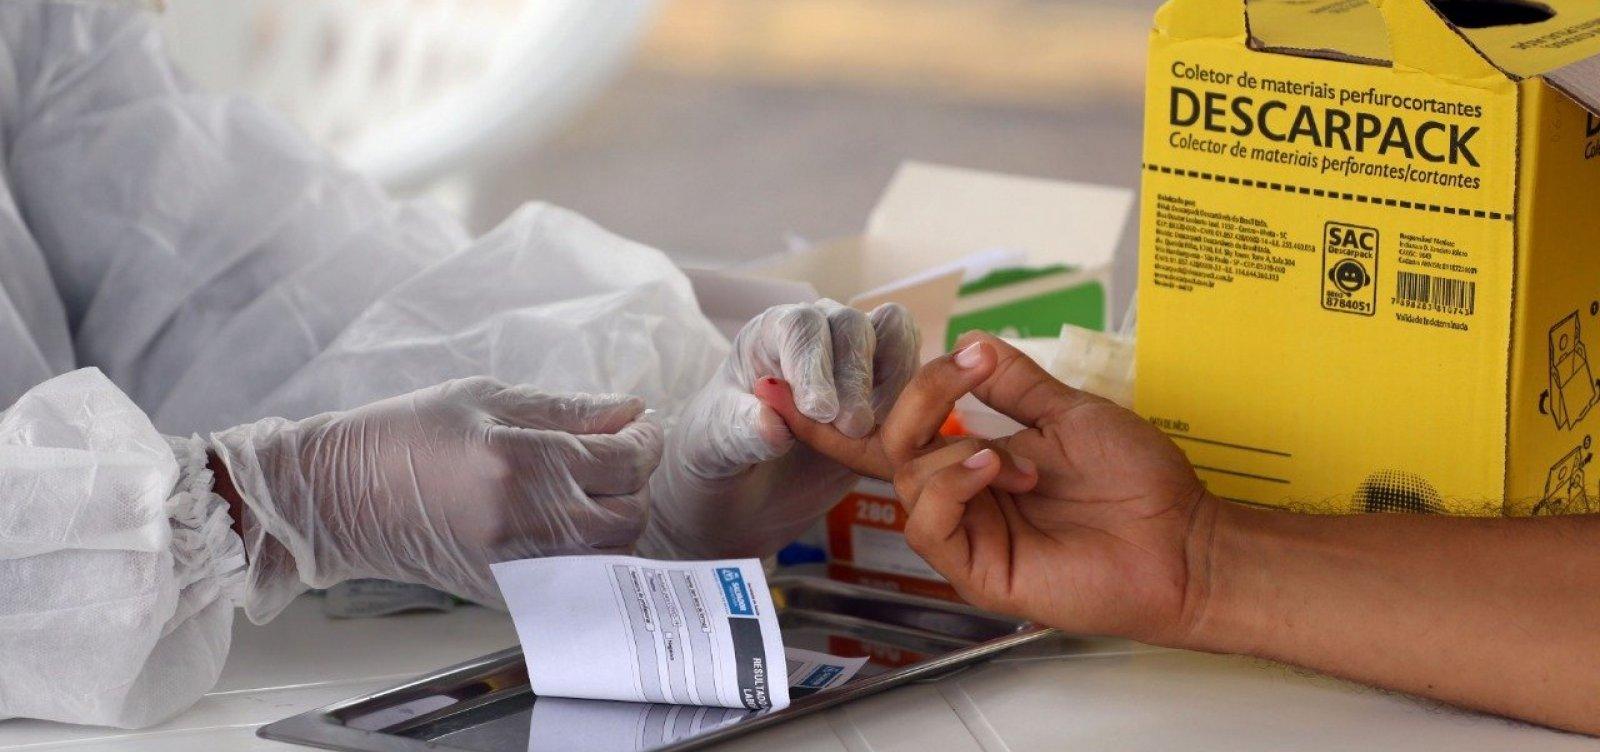 Bahia registra 1.337 novos casos de Covid e 54 mortes pela doença em 24h